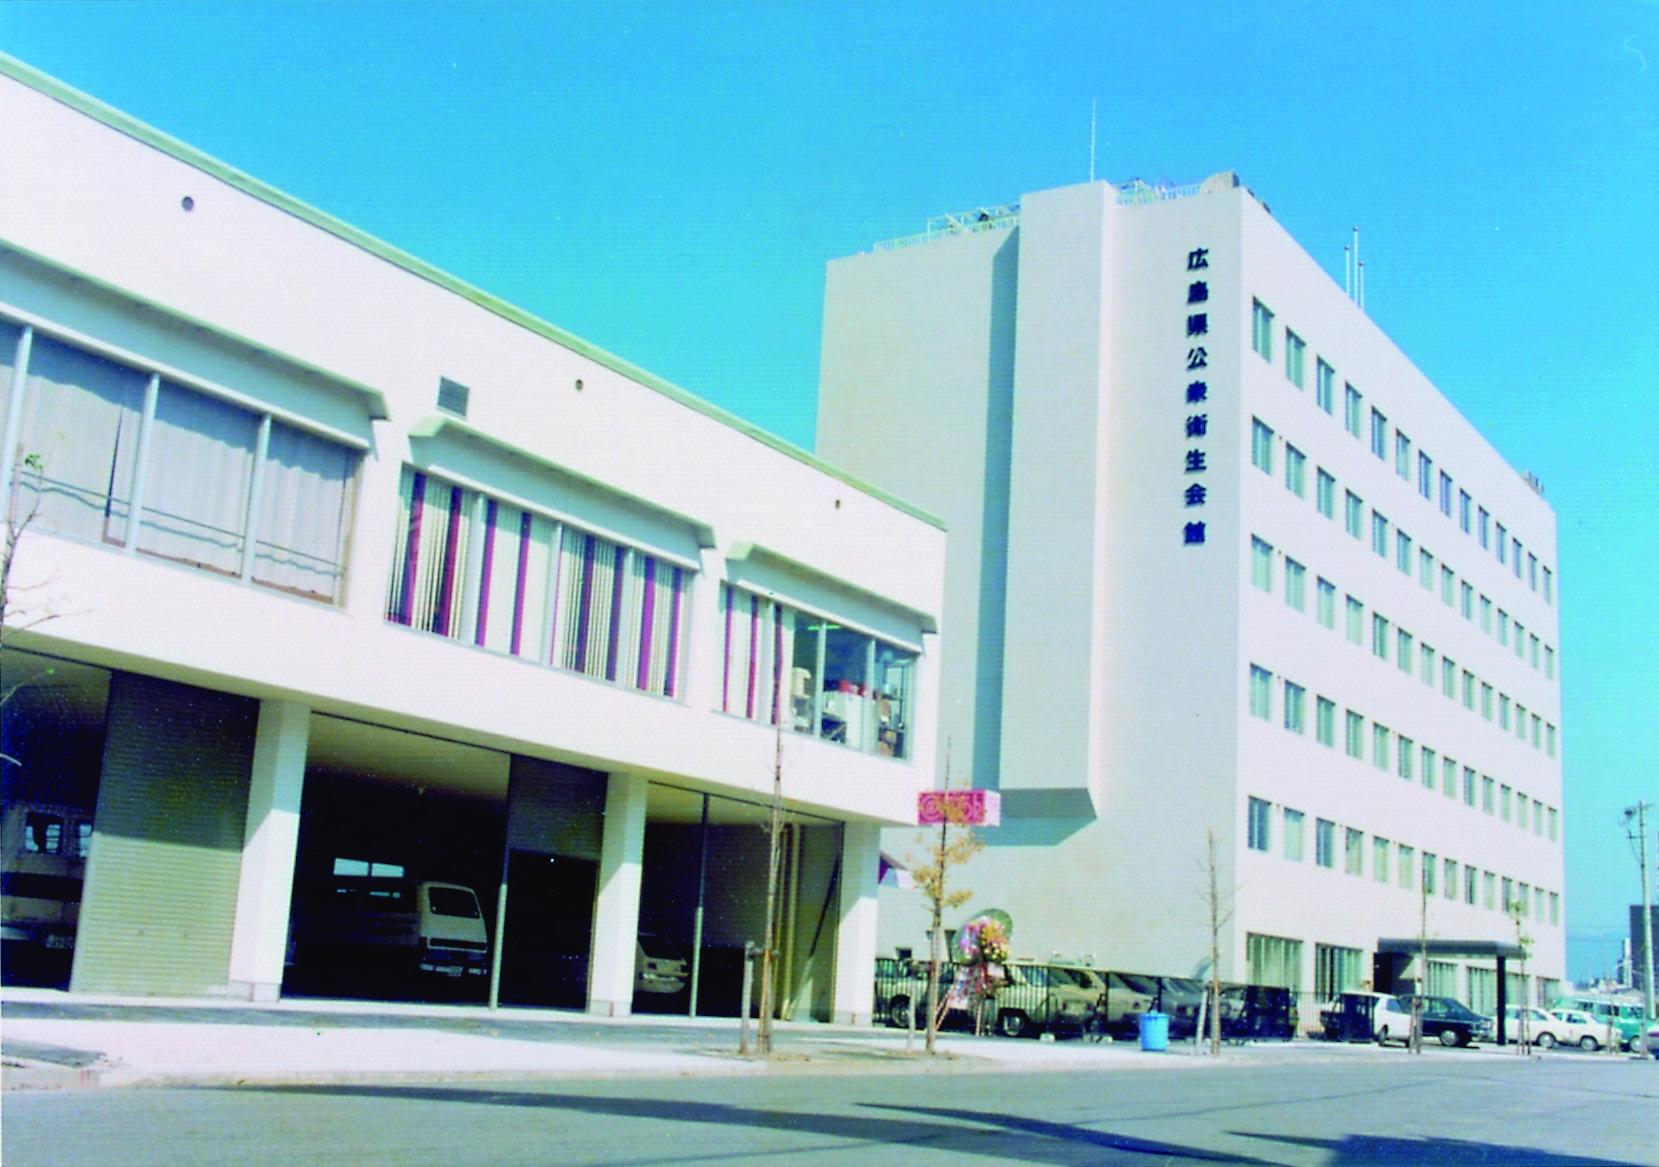 広島県公衆衛生会館(広島市中区広瀬北町)および別館が竣工し、事務所を移転